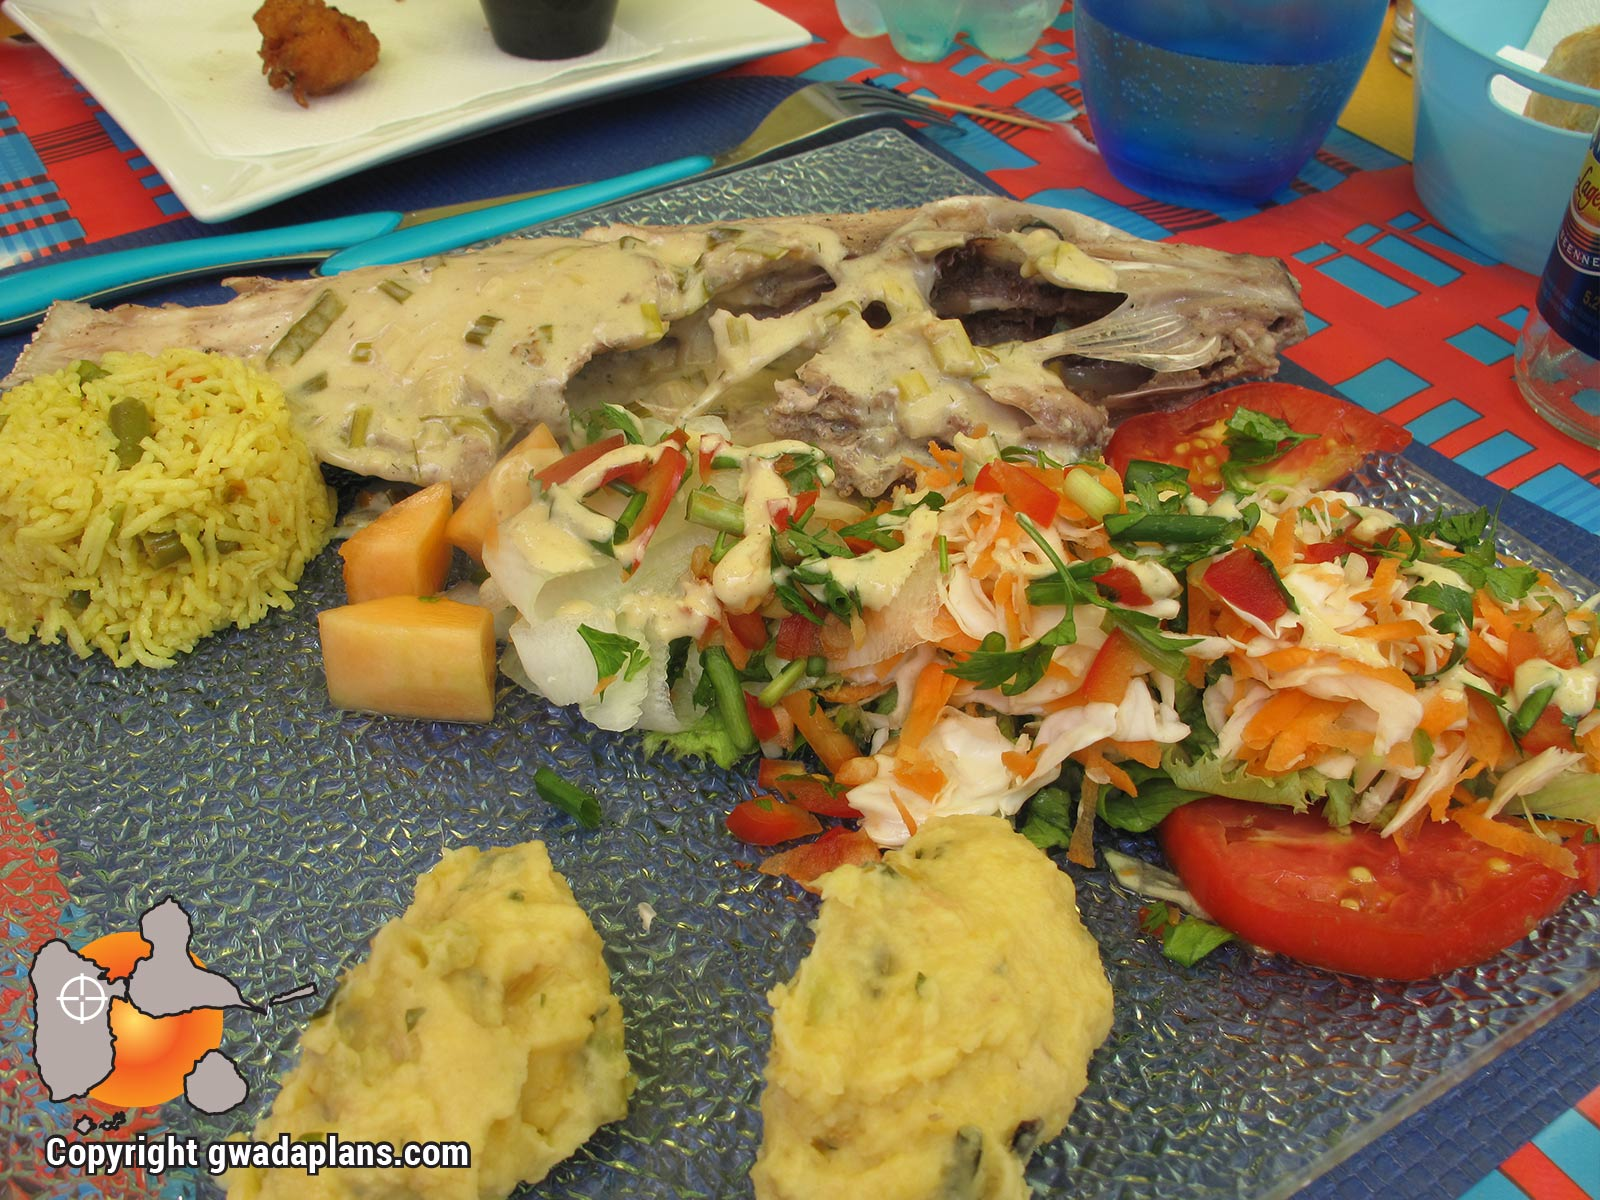 Poisson gratin de racines - Gastronomie Guadeloupe